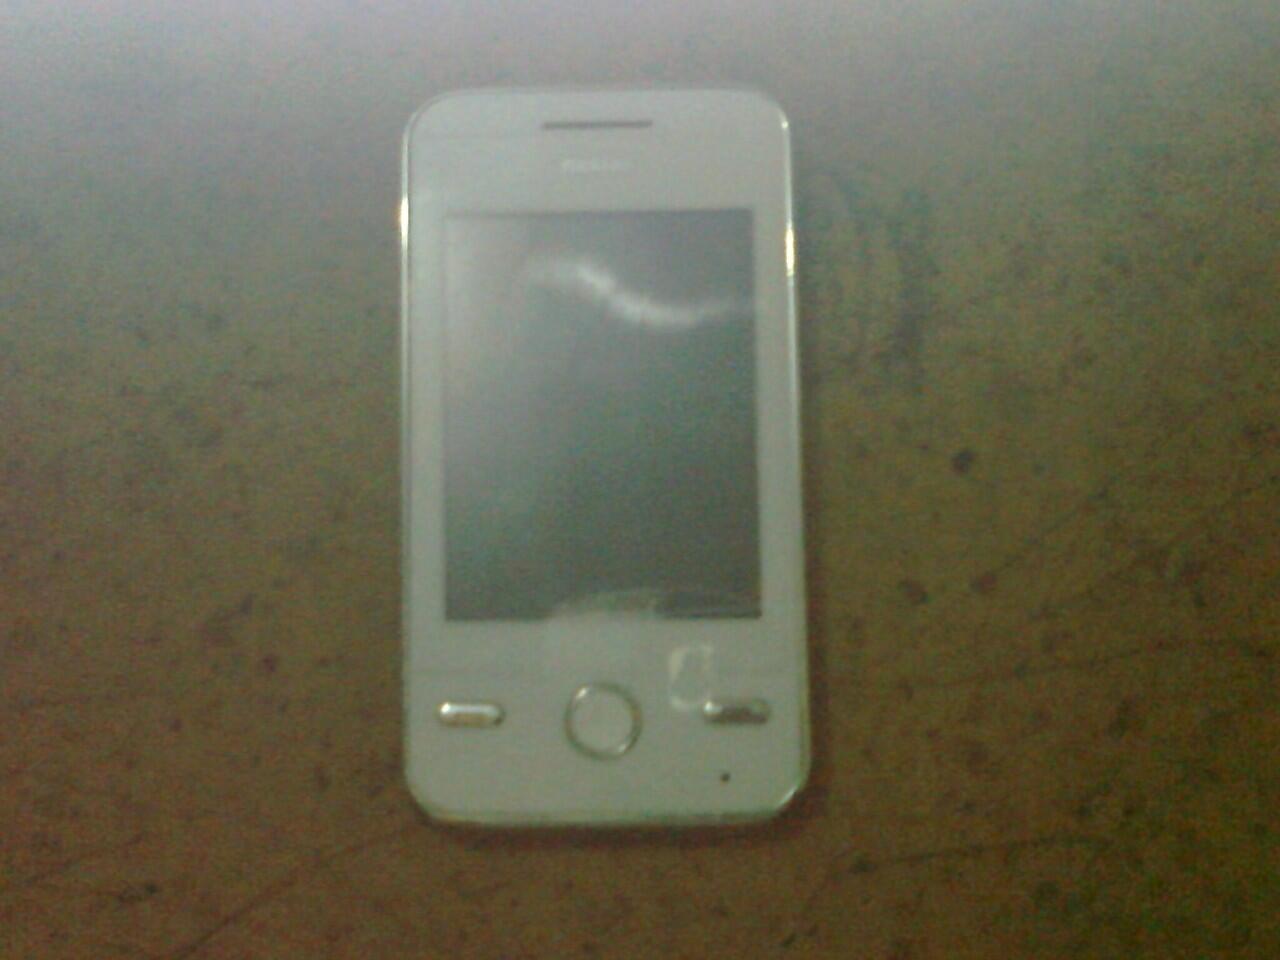 Nokia 6275 & Nexian G857 BANDUNG